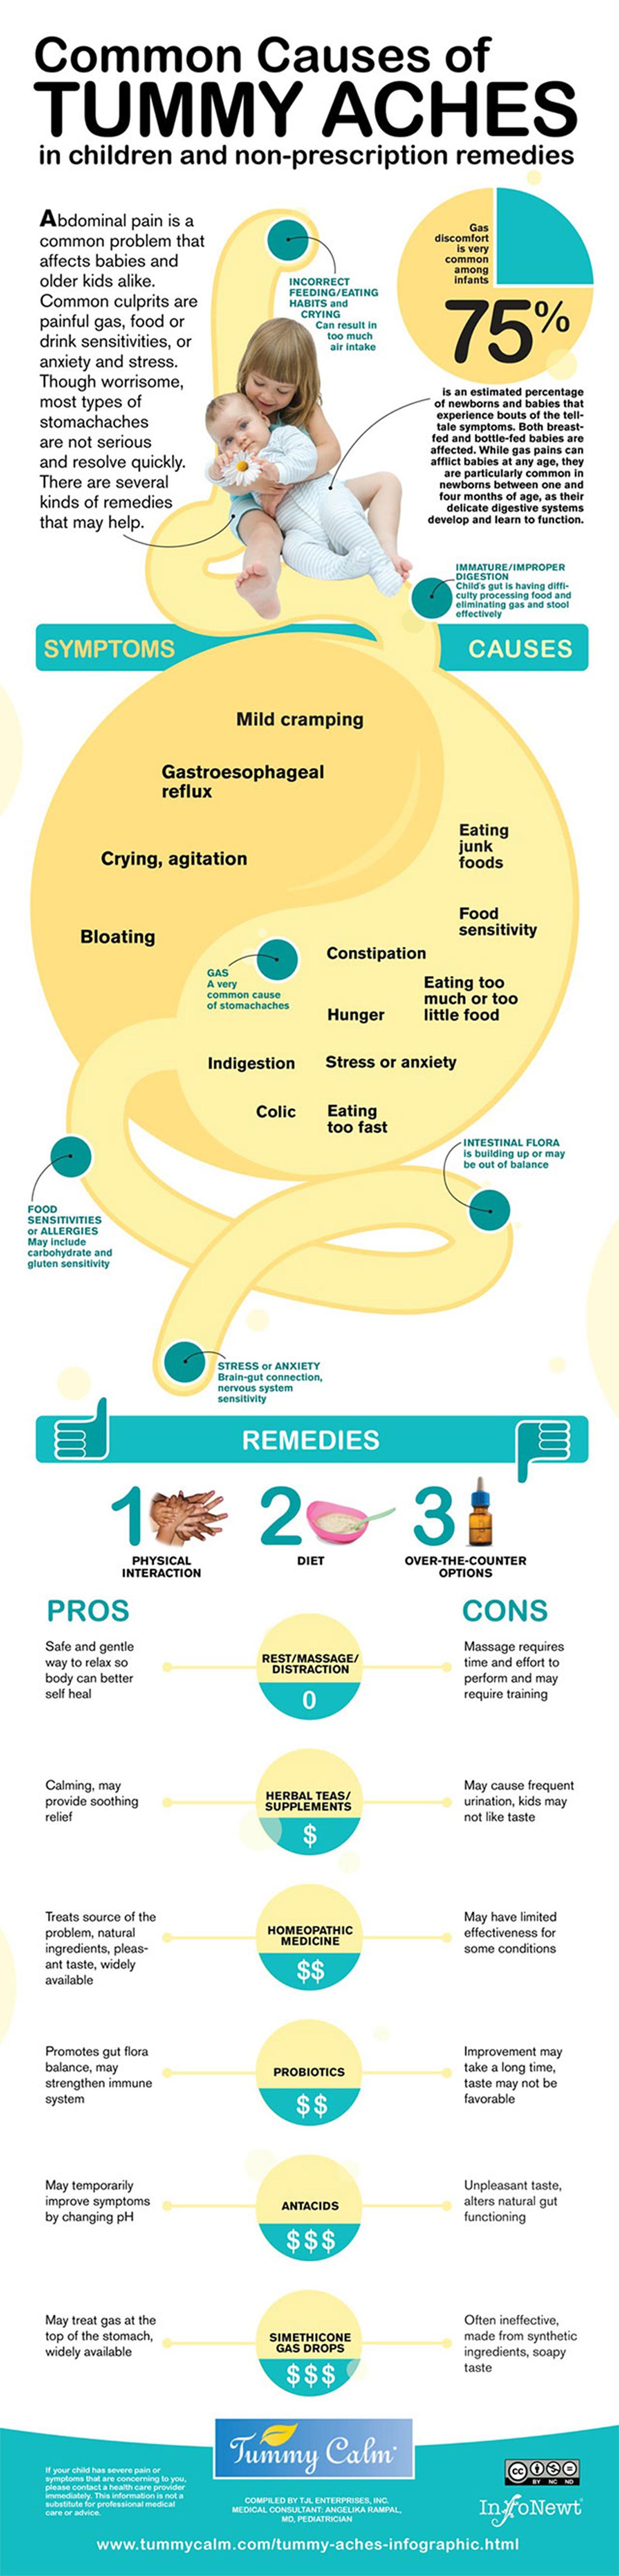 Causes of Tummy Aches in Children | Tummy Calm